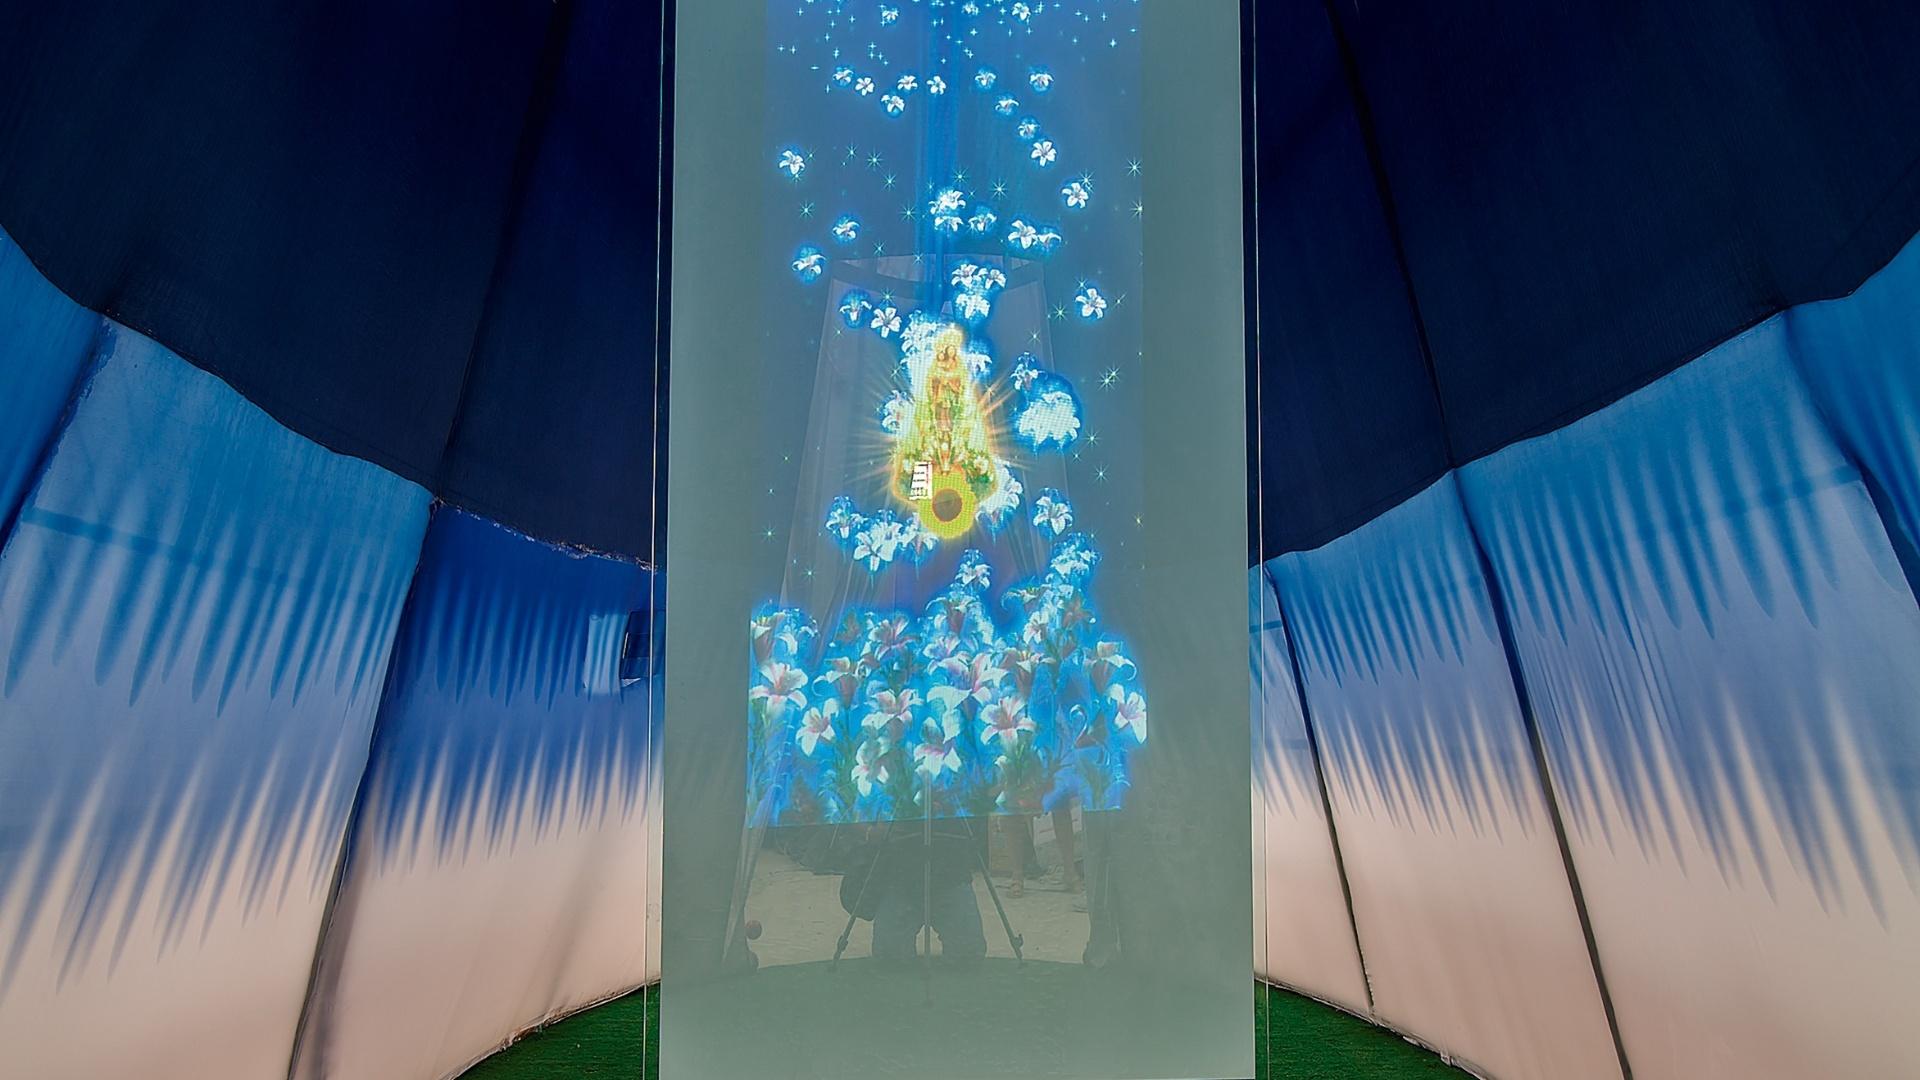 Oratório assinado por Baviera Madureira e Leila Giusti. A Casa Cor Pará, edição 2012, segue em cartaz até dia 25 de novembro. A mostra tem lugar na Av. Conselheiro Furtado, 100, em Belém